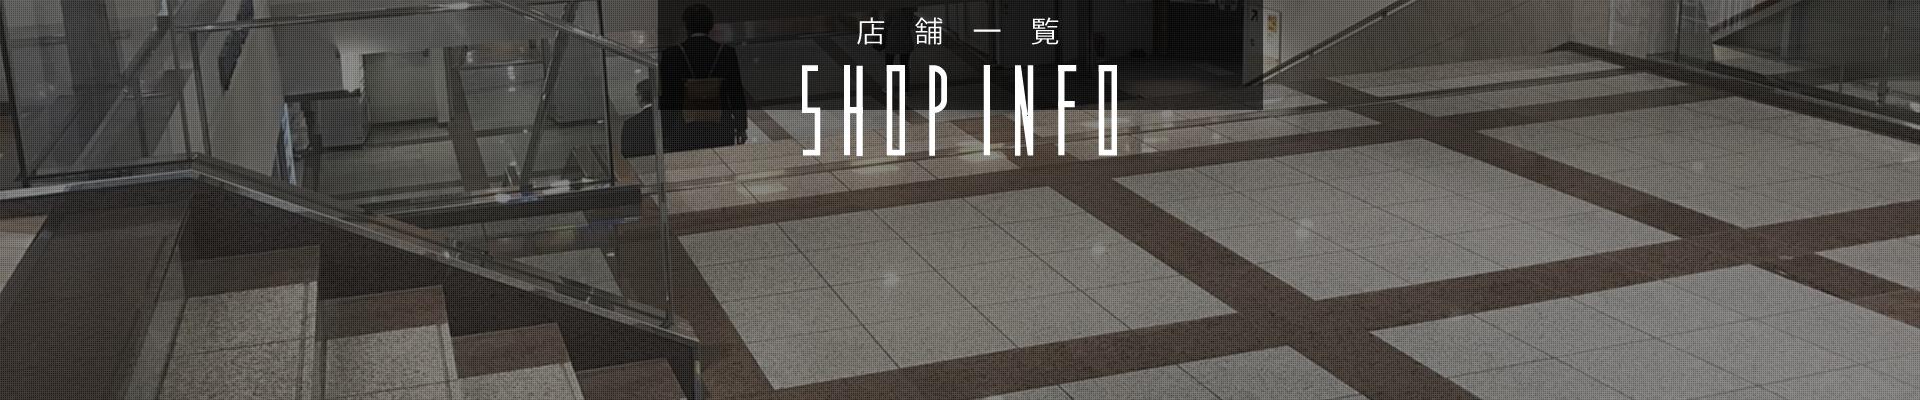 店舗一覧 | 福岡市博多区の朝日ビル・センタービルの地下街 サンプラザ商店街